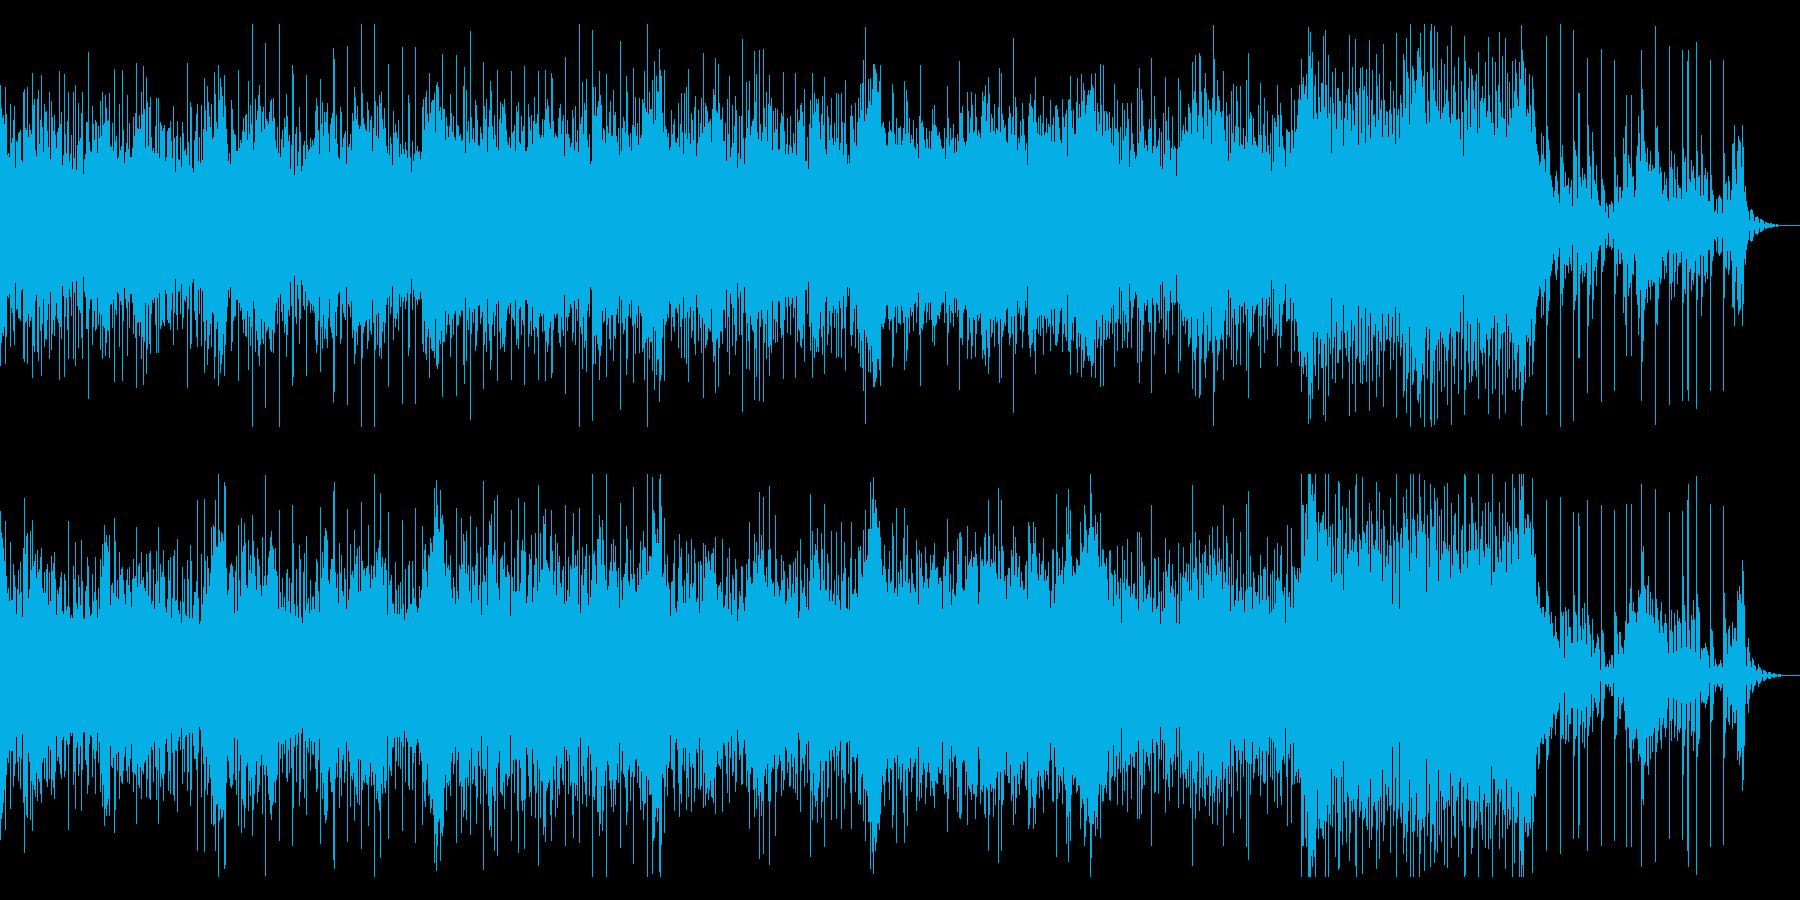 ダンサンブルなアンビエントの再生済みの波形